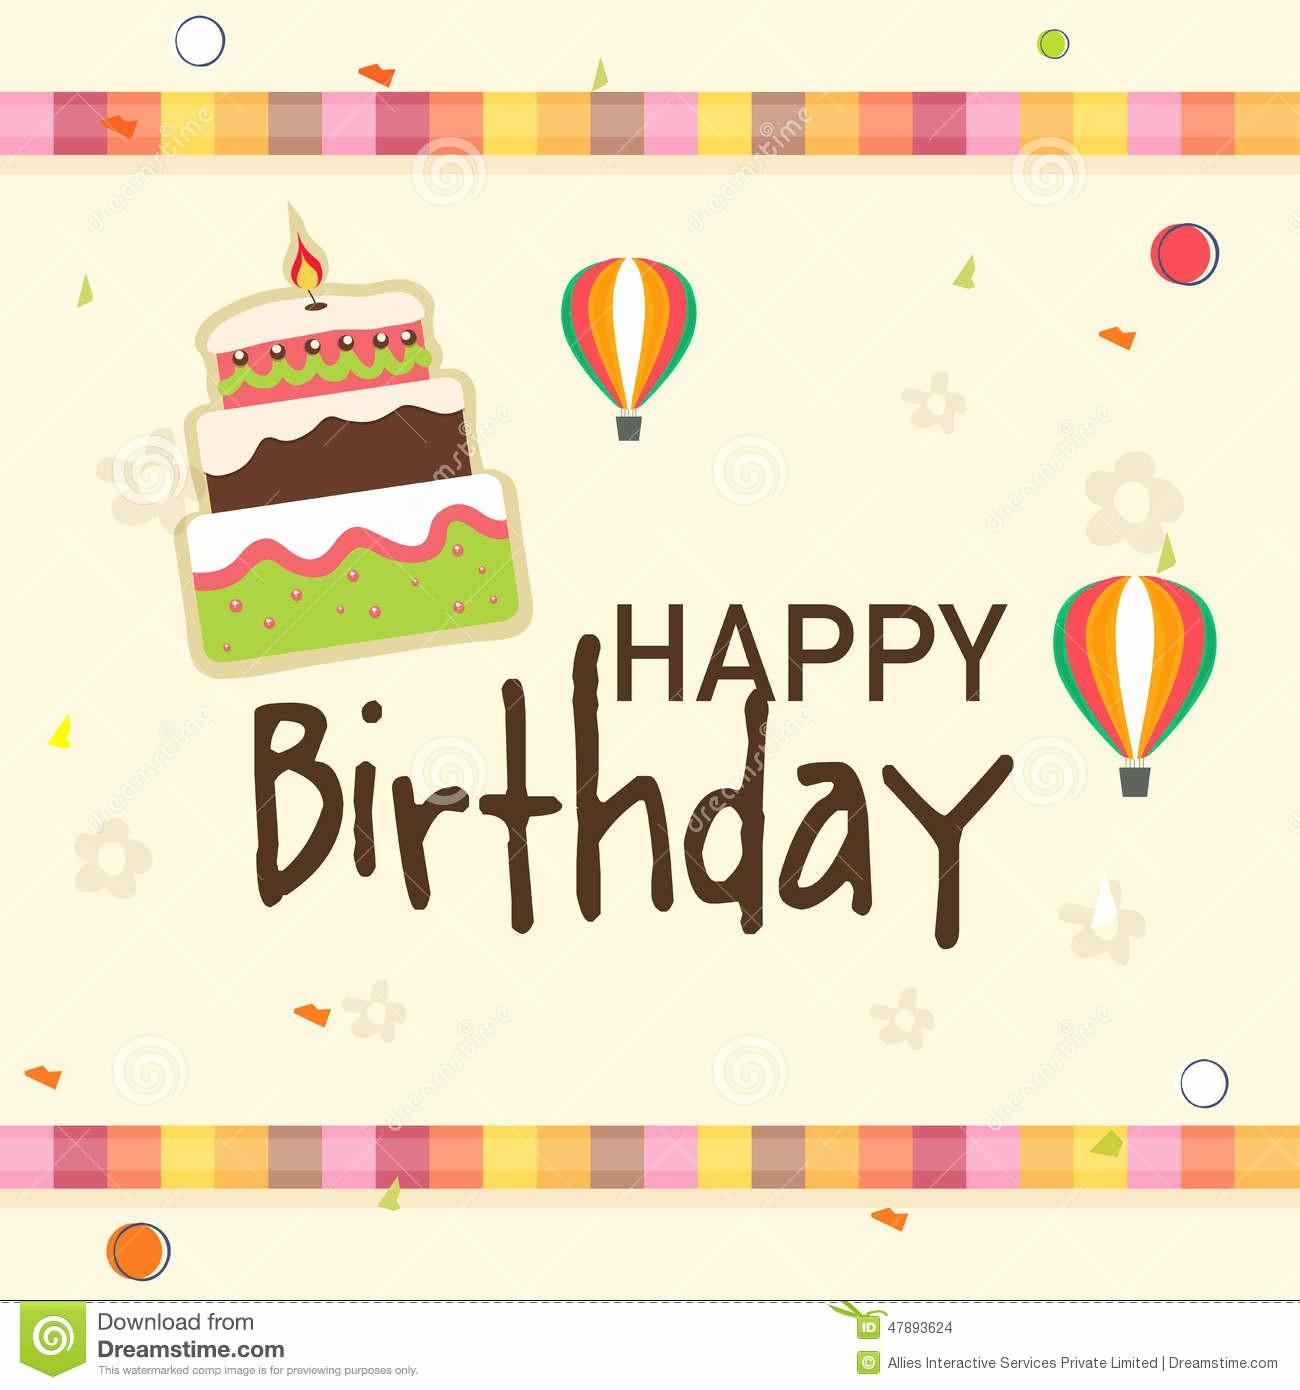 Diseños De Tarjetas De Cumpleaños New Diseño De Tarjeta De La Invitación De La Celebración Del